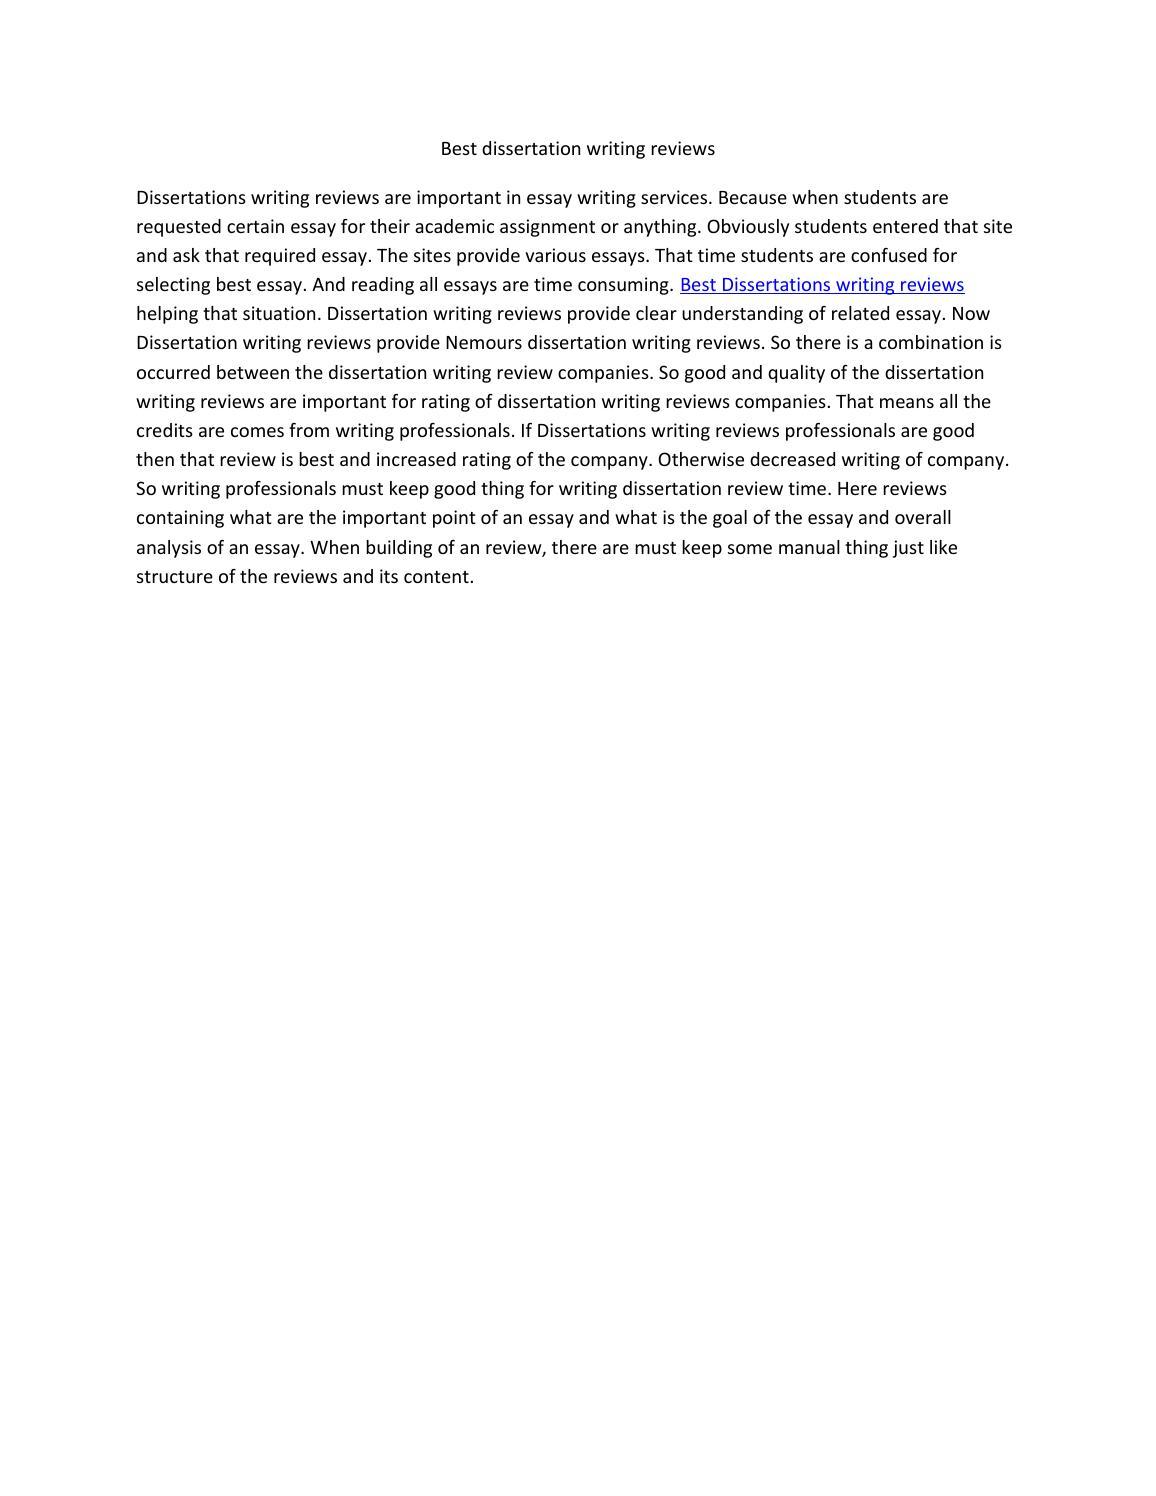 Essay irrepressible murray n report rockwell rothbard rothbard rothbard